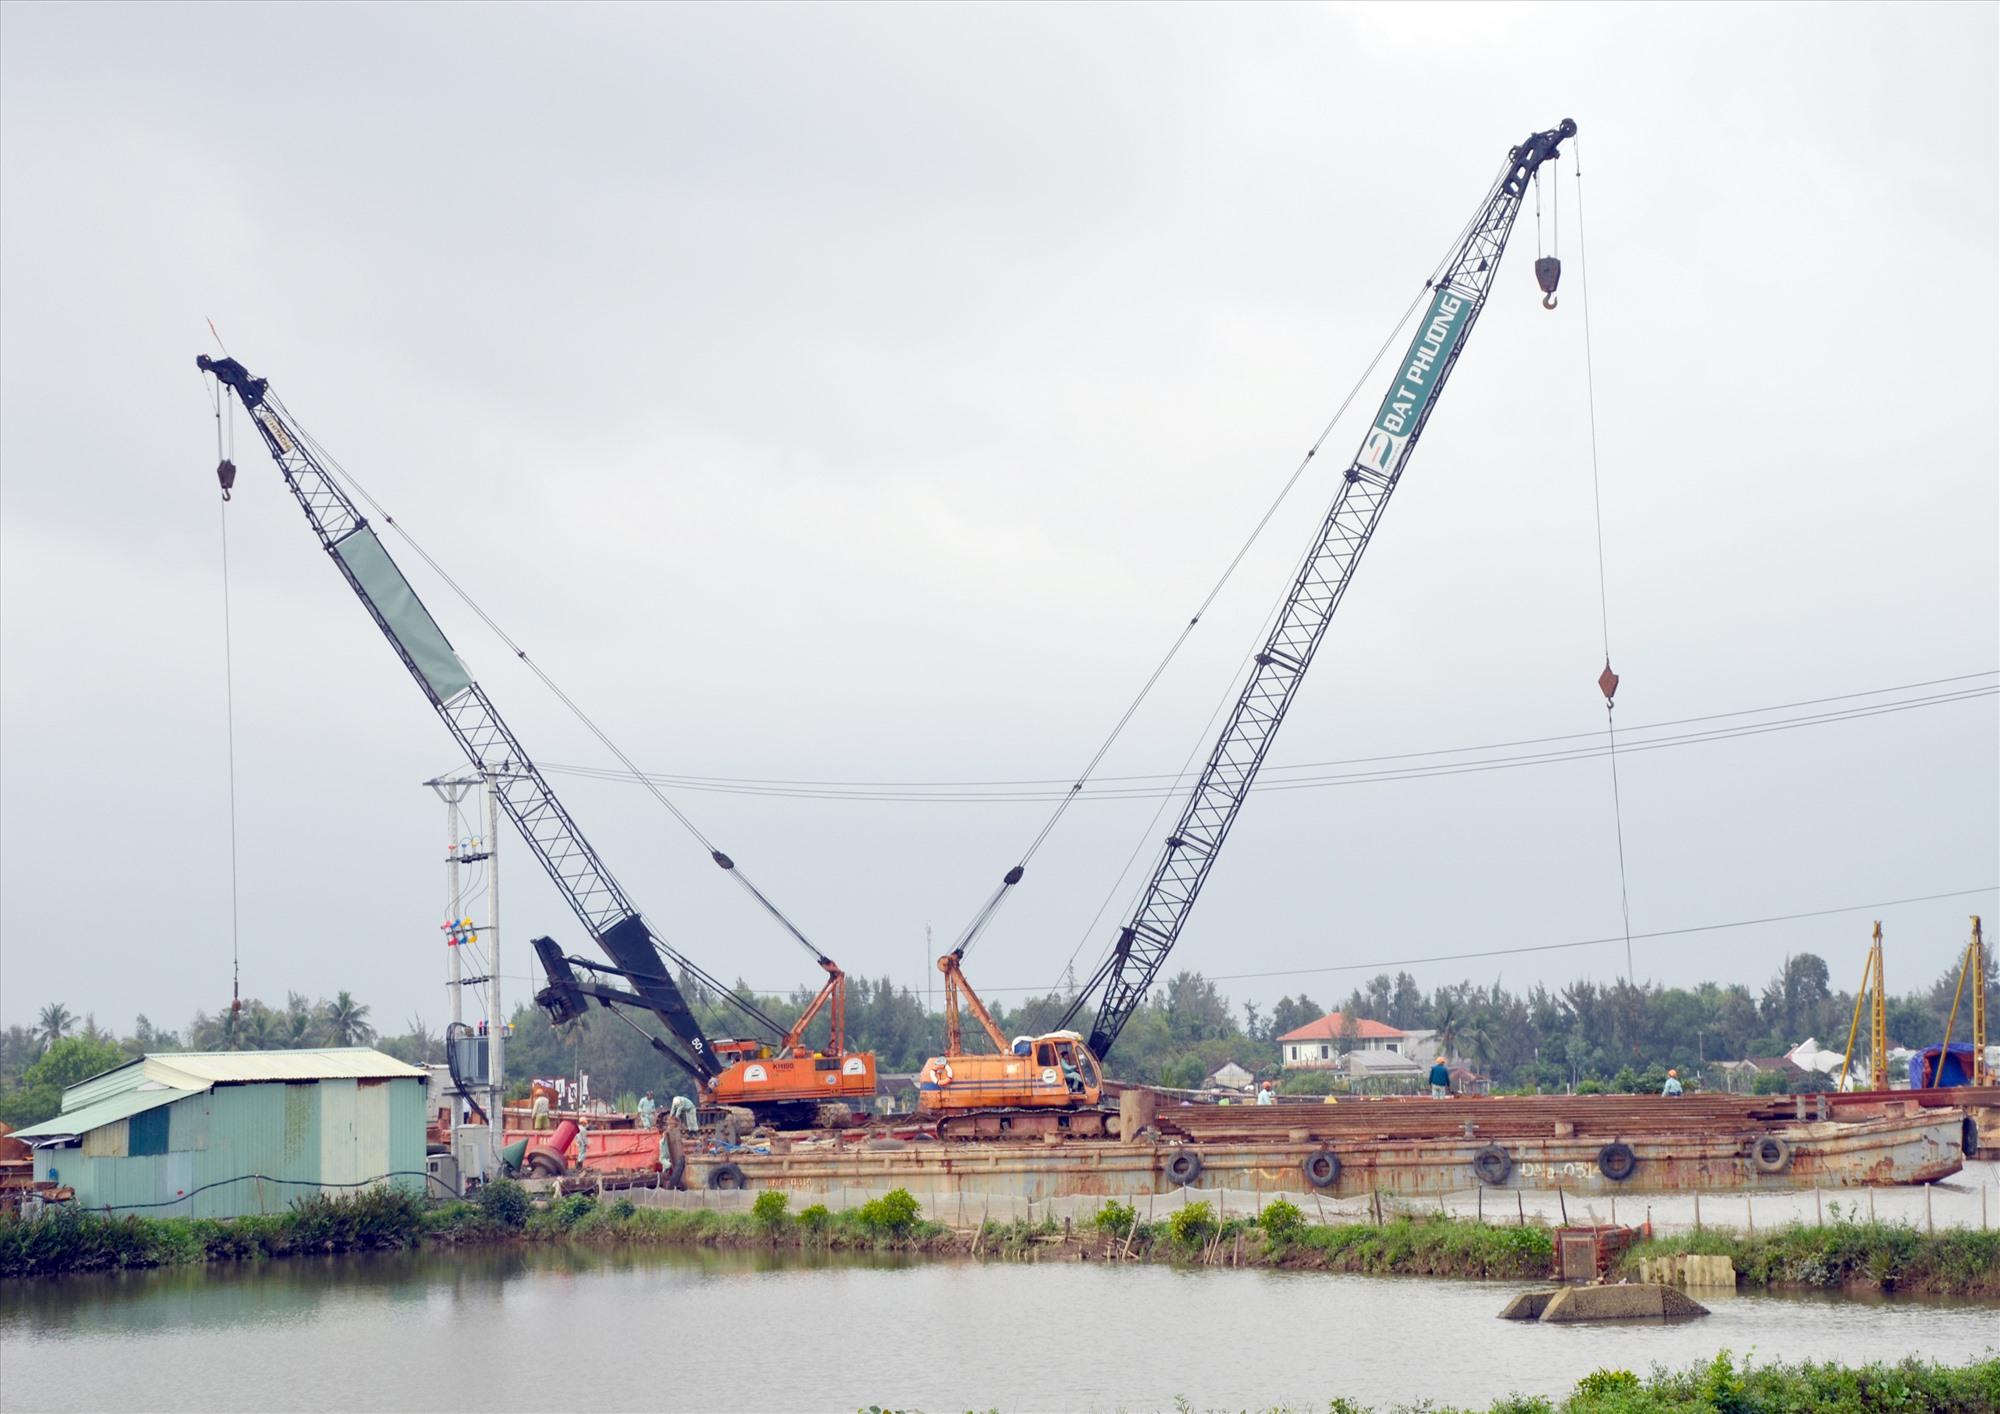 Phần lớn các dự án trọng điểm của tỉnh đều gặp khó khăn trong chính sách thu hồi đất. TRONG ẢNH: Thi công cầu An Tân qua địa bàn huyện Núi Thành. Ảnh: H.P